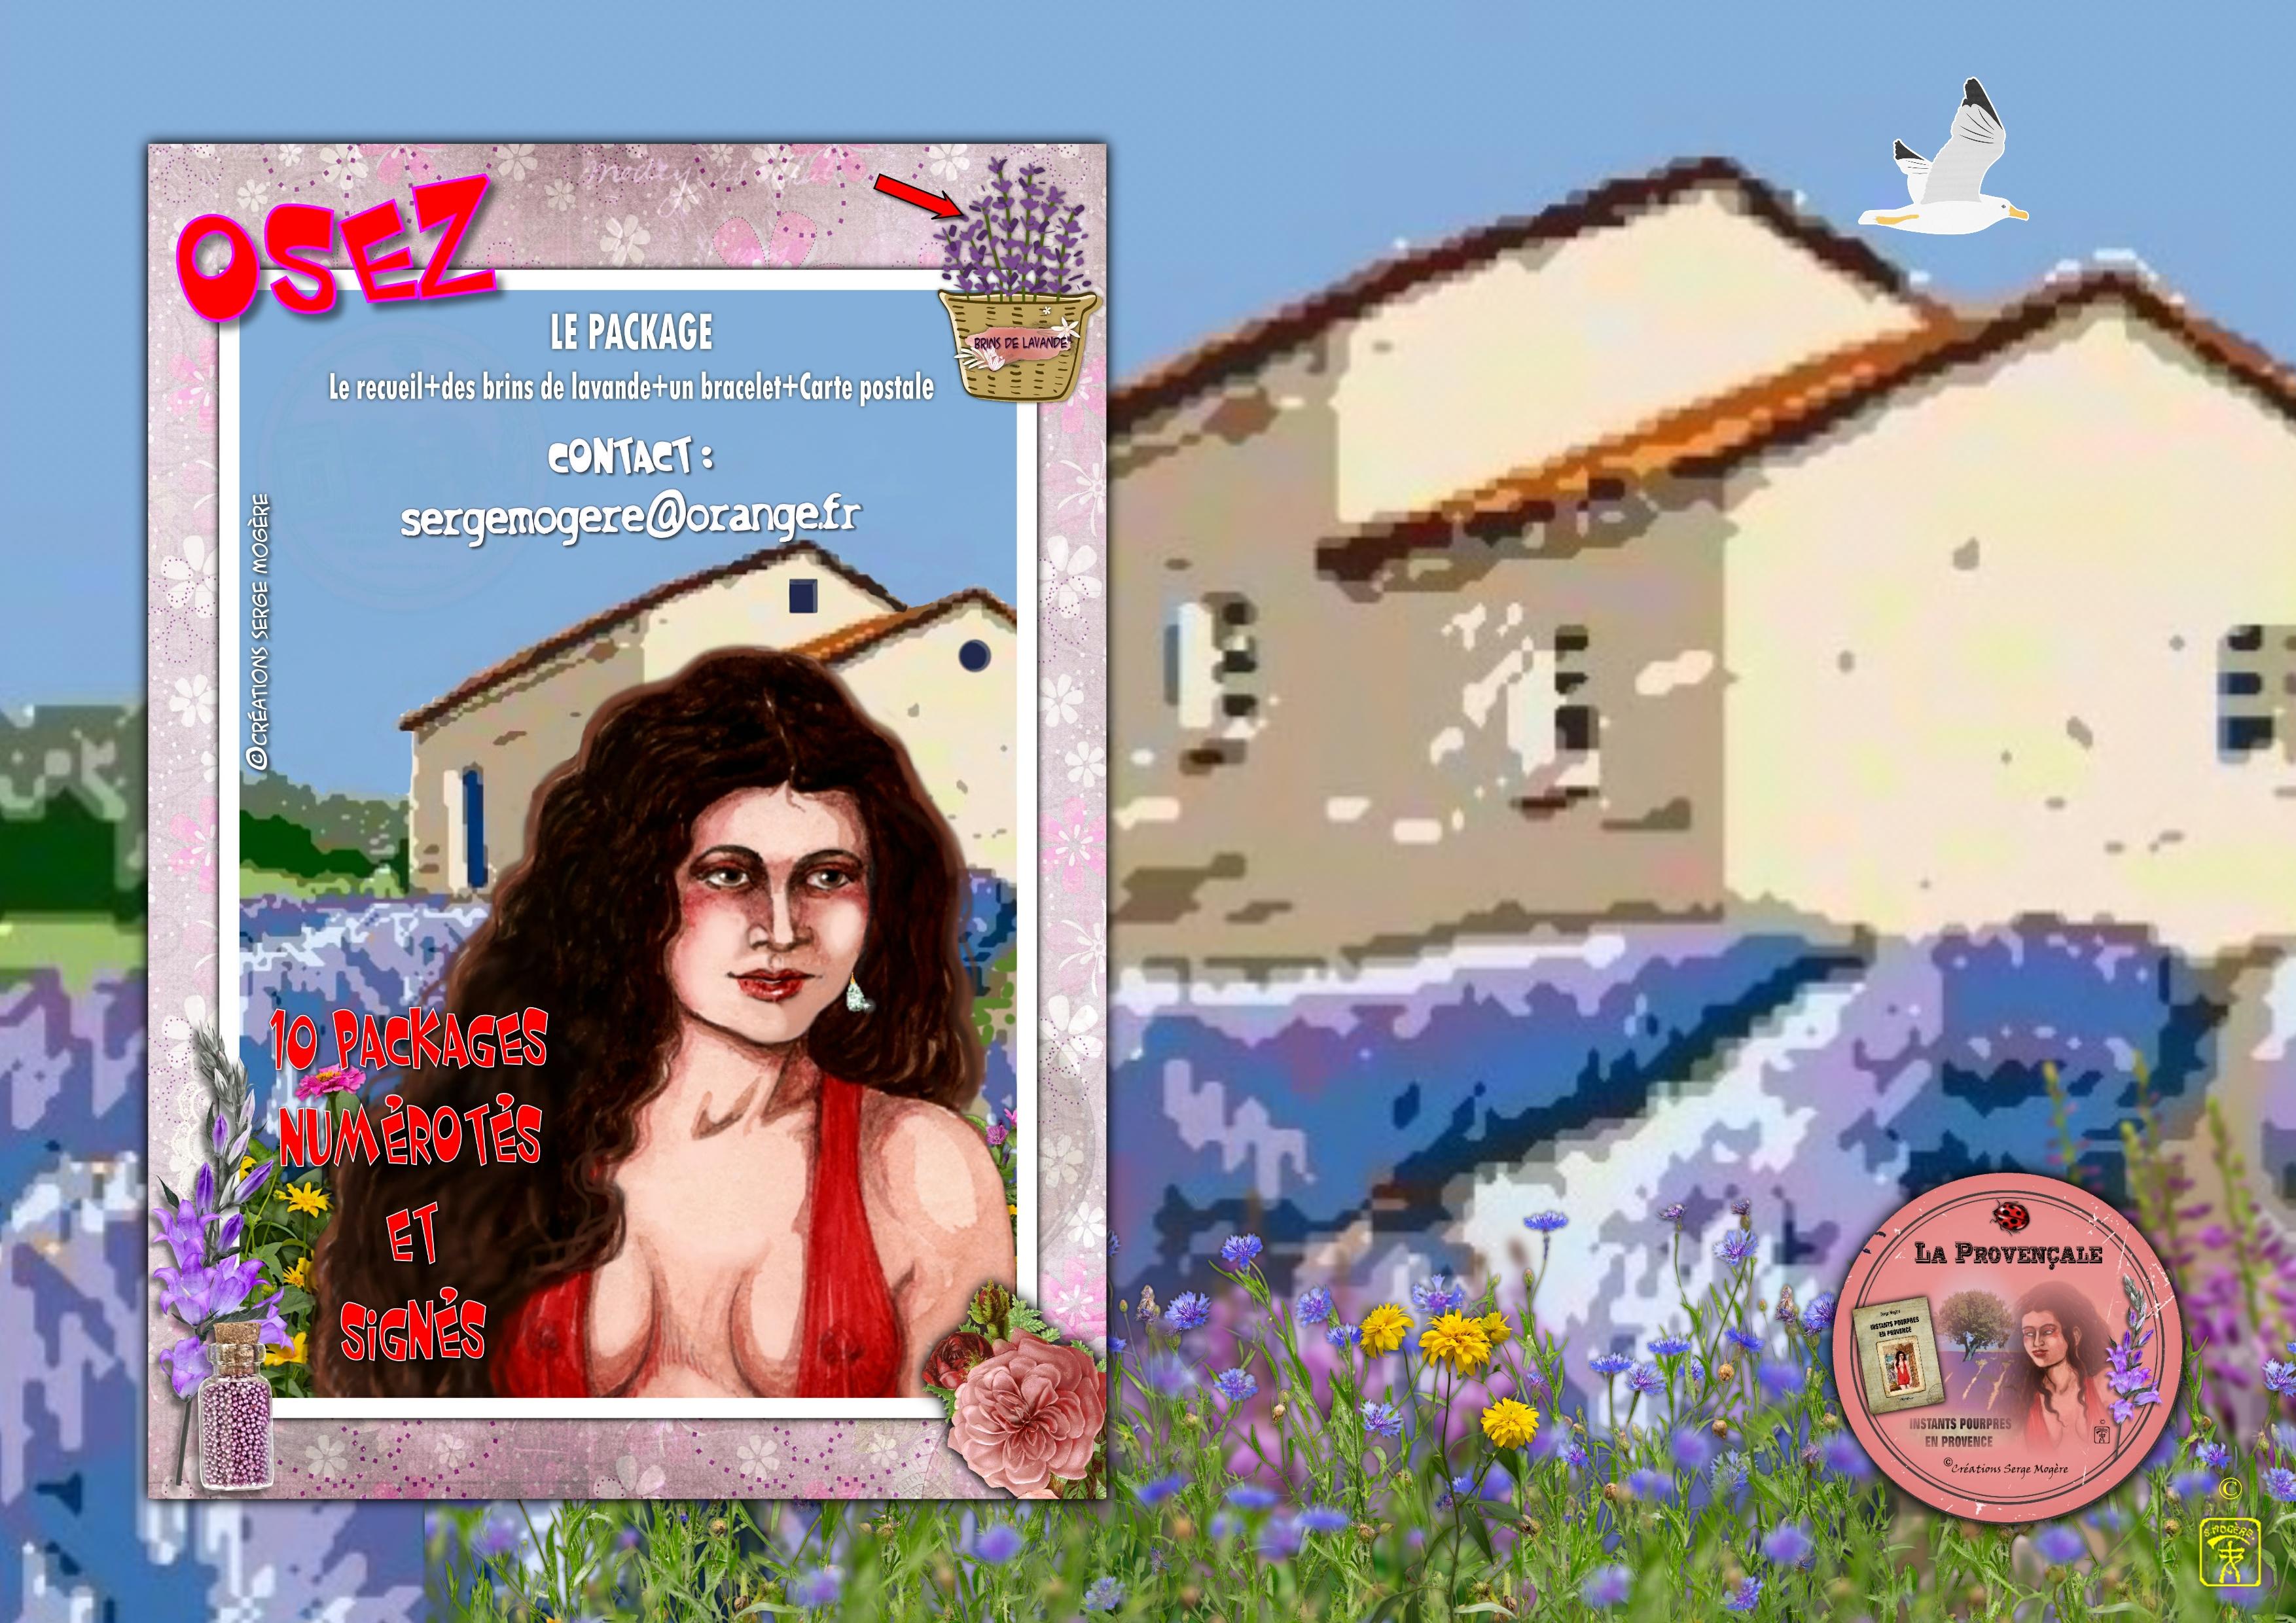 Osez_la_provençale01.jpg